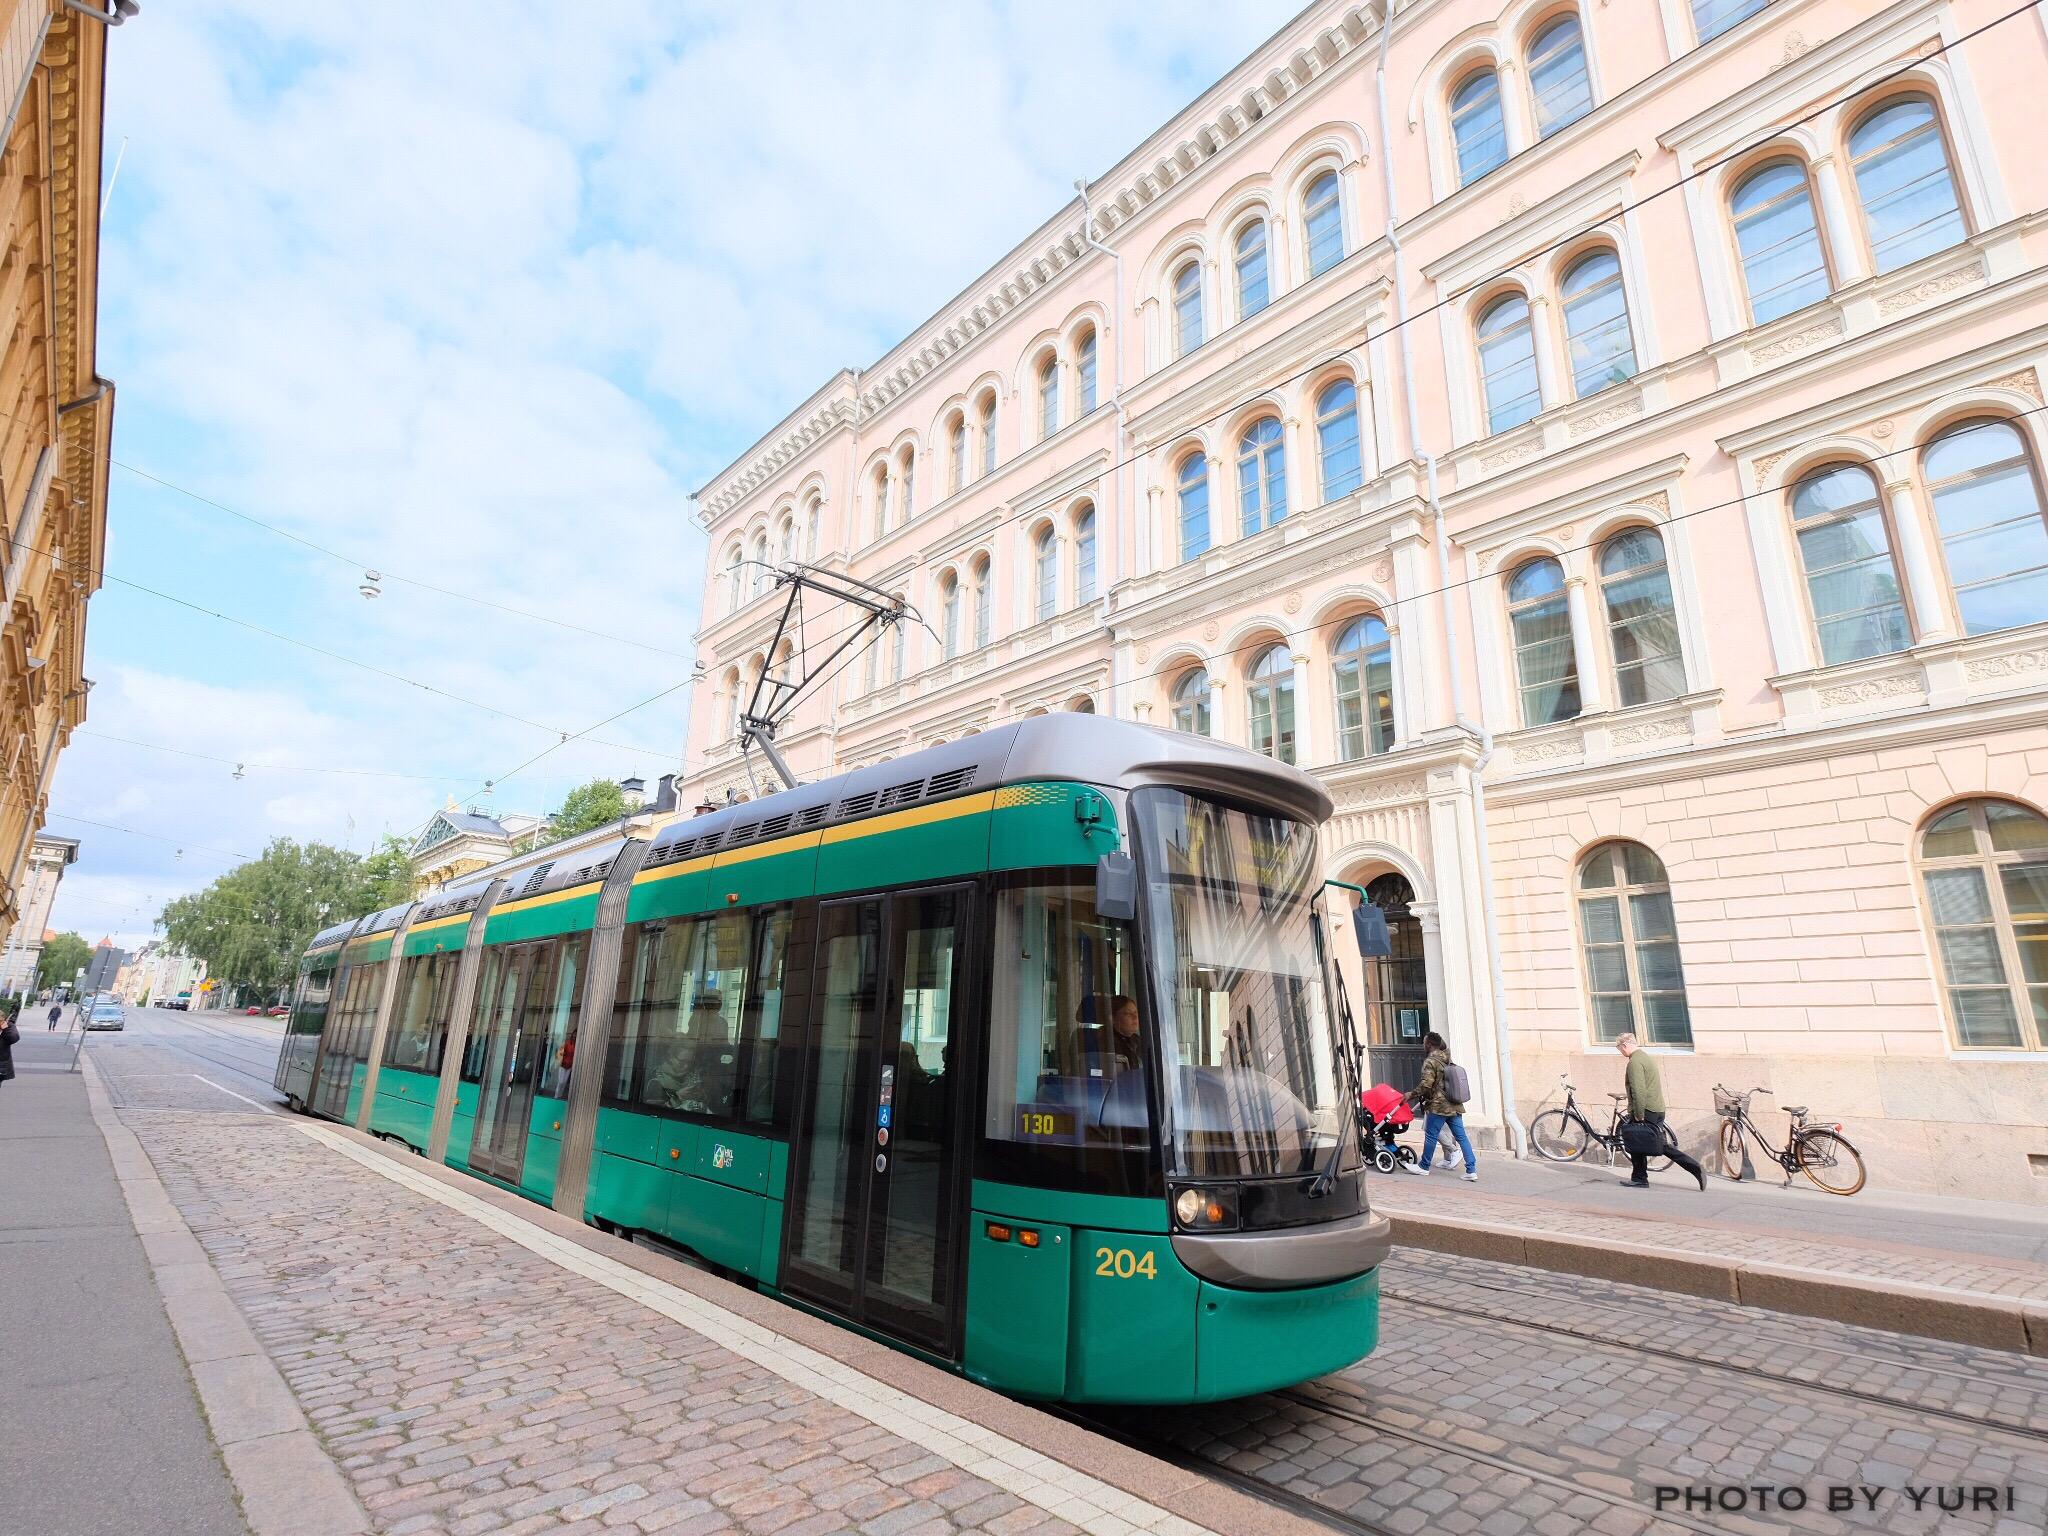 【最新】2017年8月改定 ヘルシンキのトラム路線図と乗り換え検索について